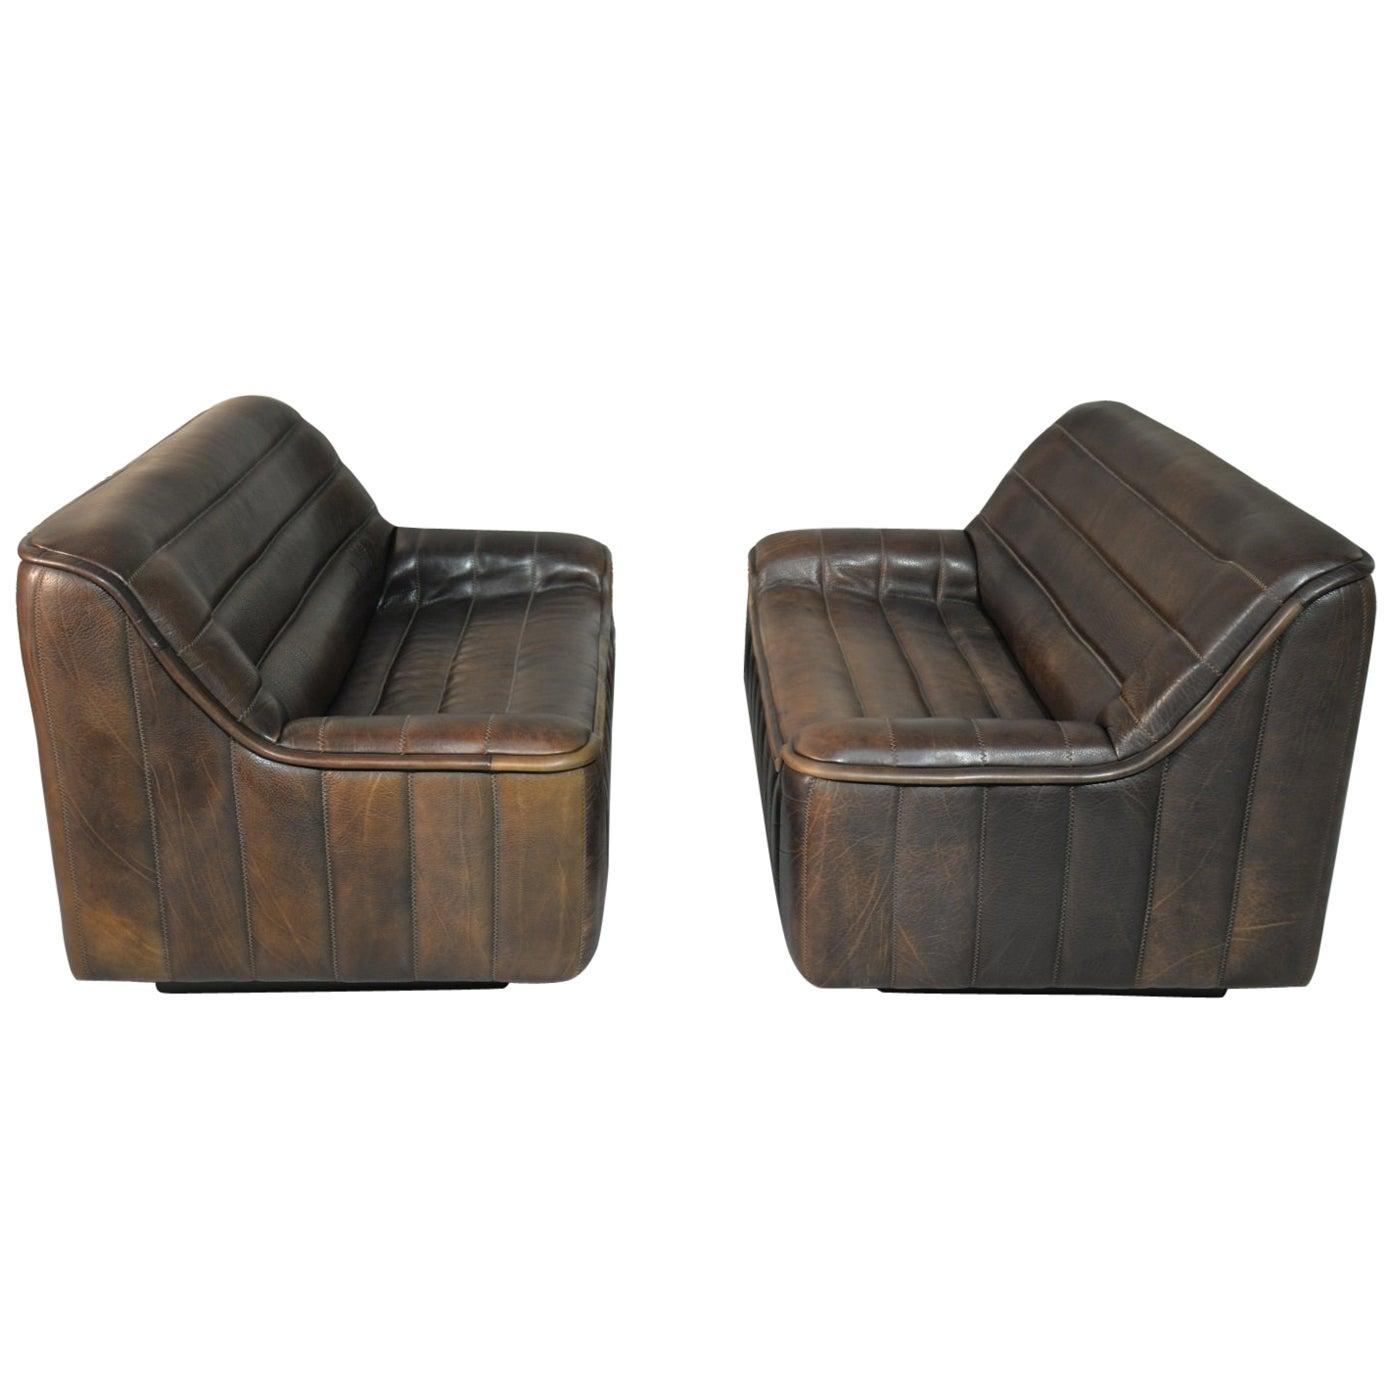 Vintage De Sede DS 84 Leather Sofas, Switzerland 1970s